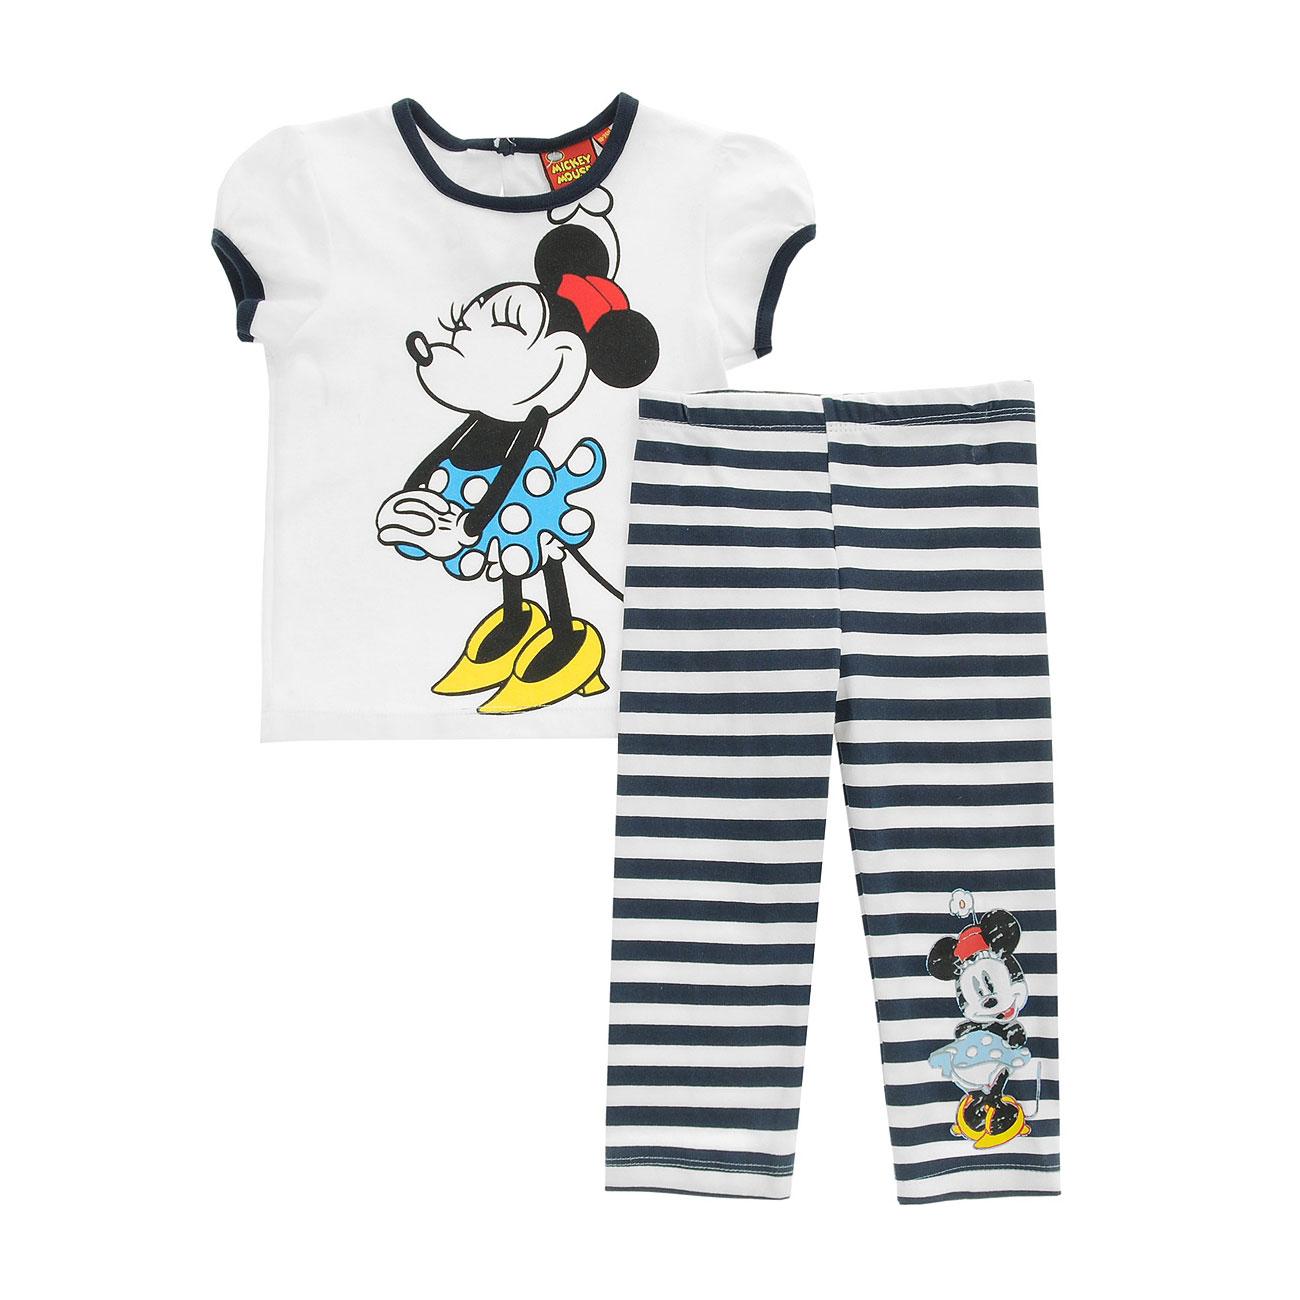 Комплект Дисней Минни футболка с коротким рукавом, штанишки в полоску, для девочки, белый 12 мес.